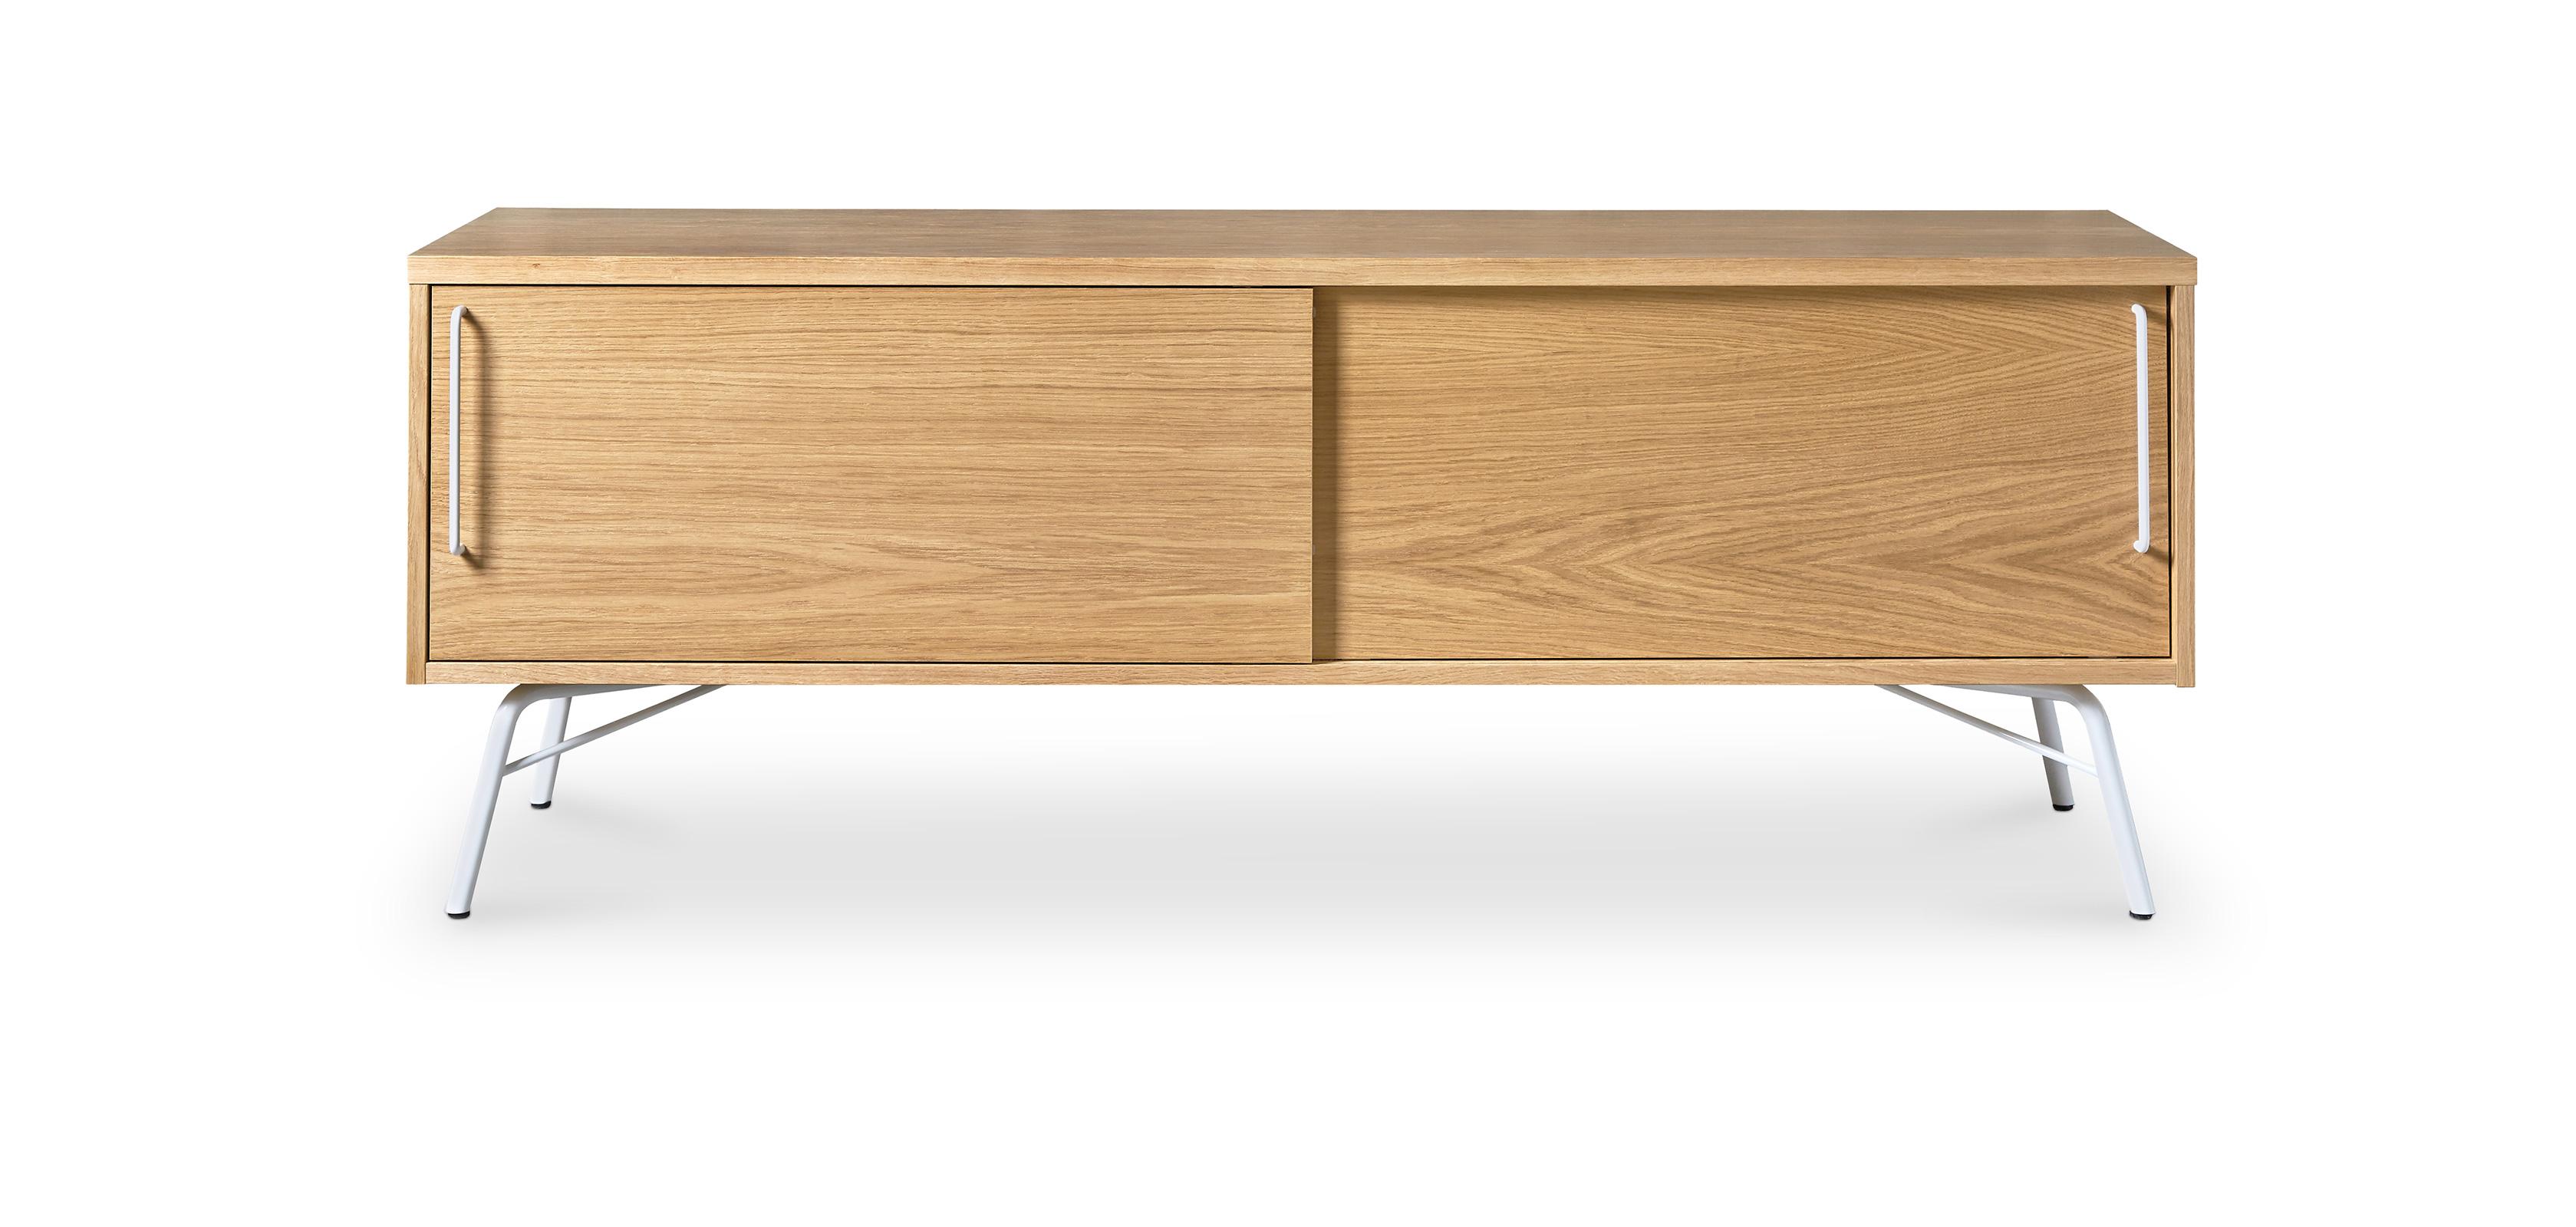 Mobile Tv in legno naturale di stile scandinavo